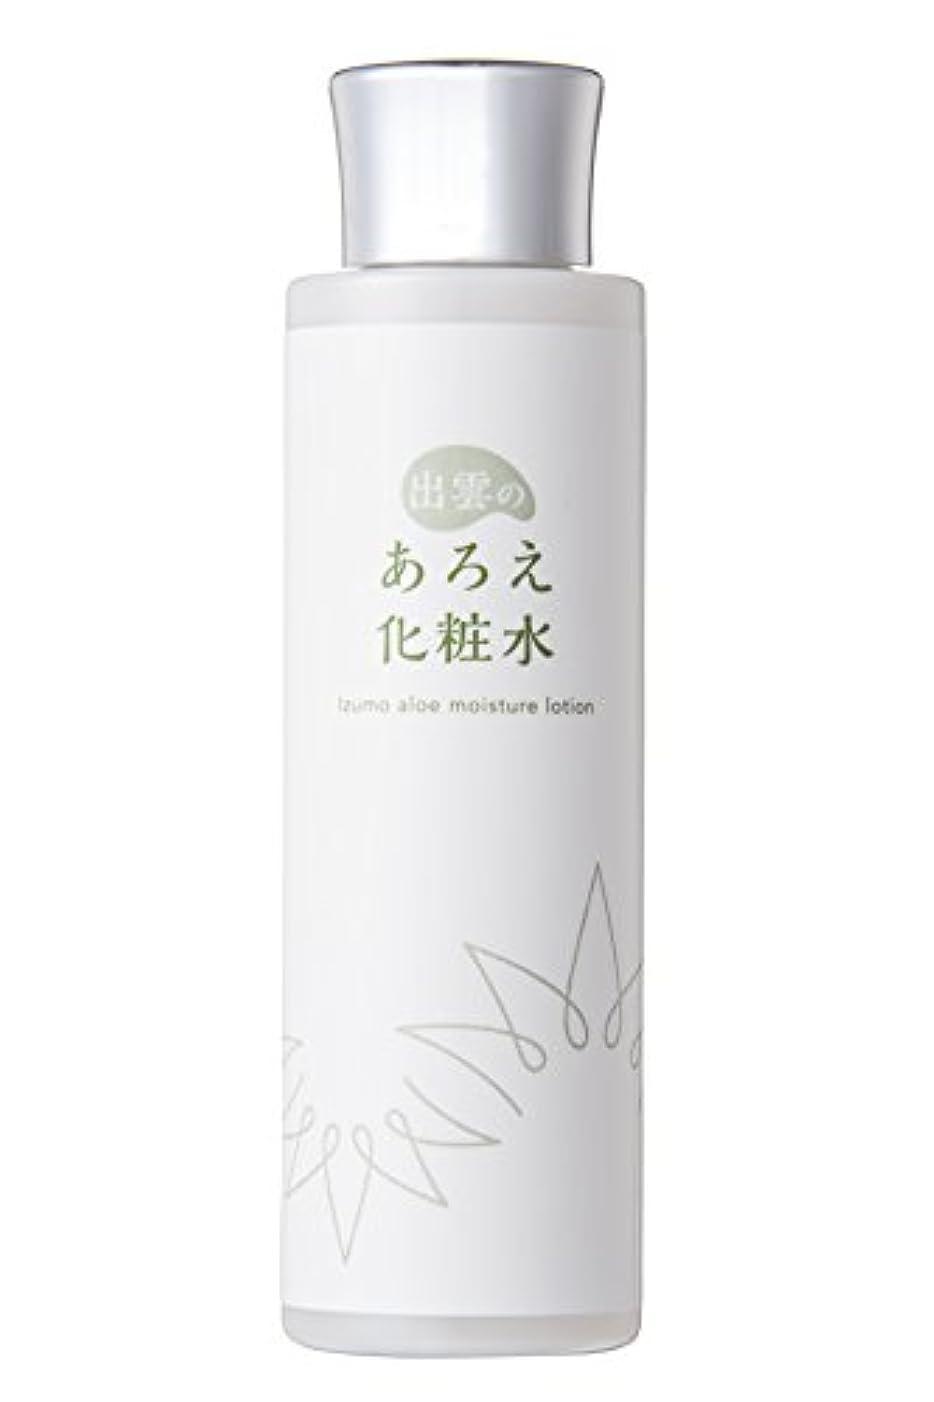 複数シャー理想的には出雲のあろえ化粧水 150ml 国産アロエ化粧水/出雲産アロエベラ液汁50%配合/